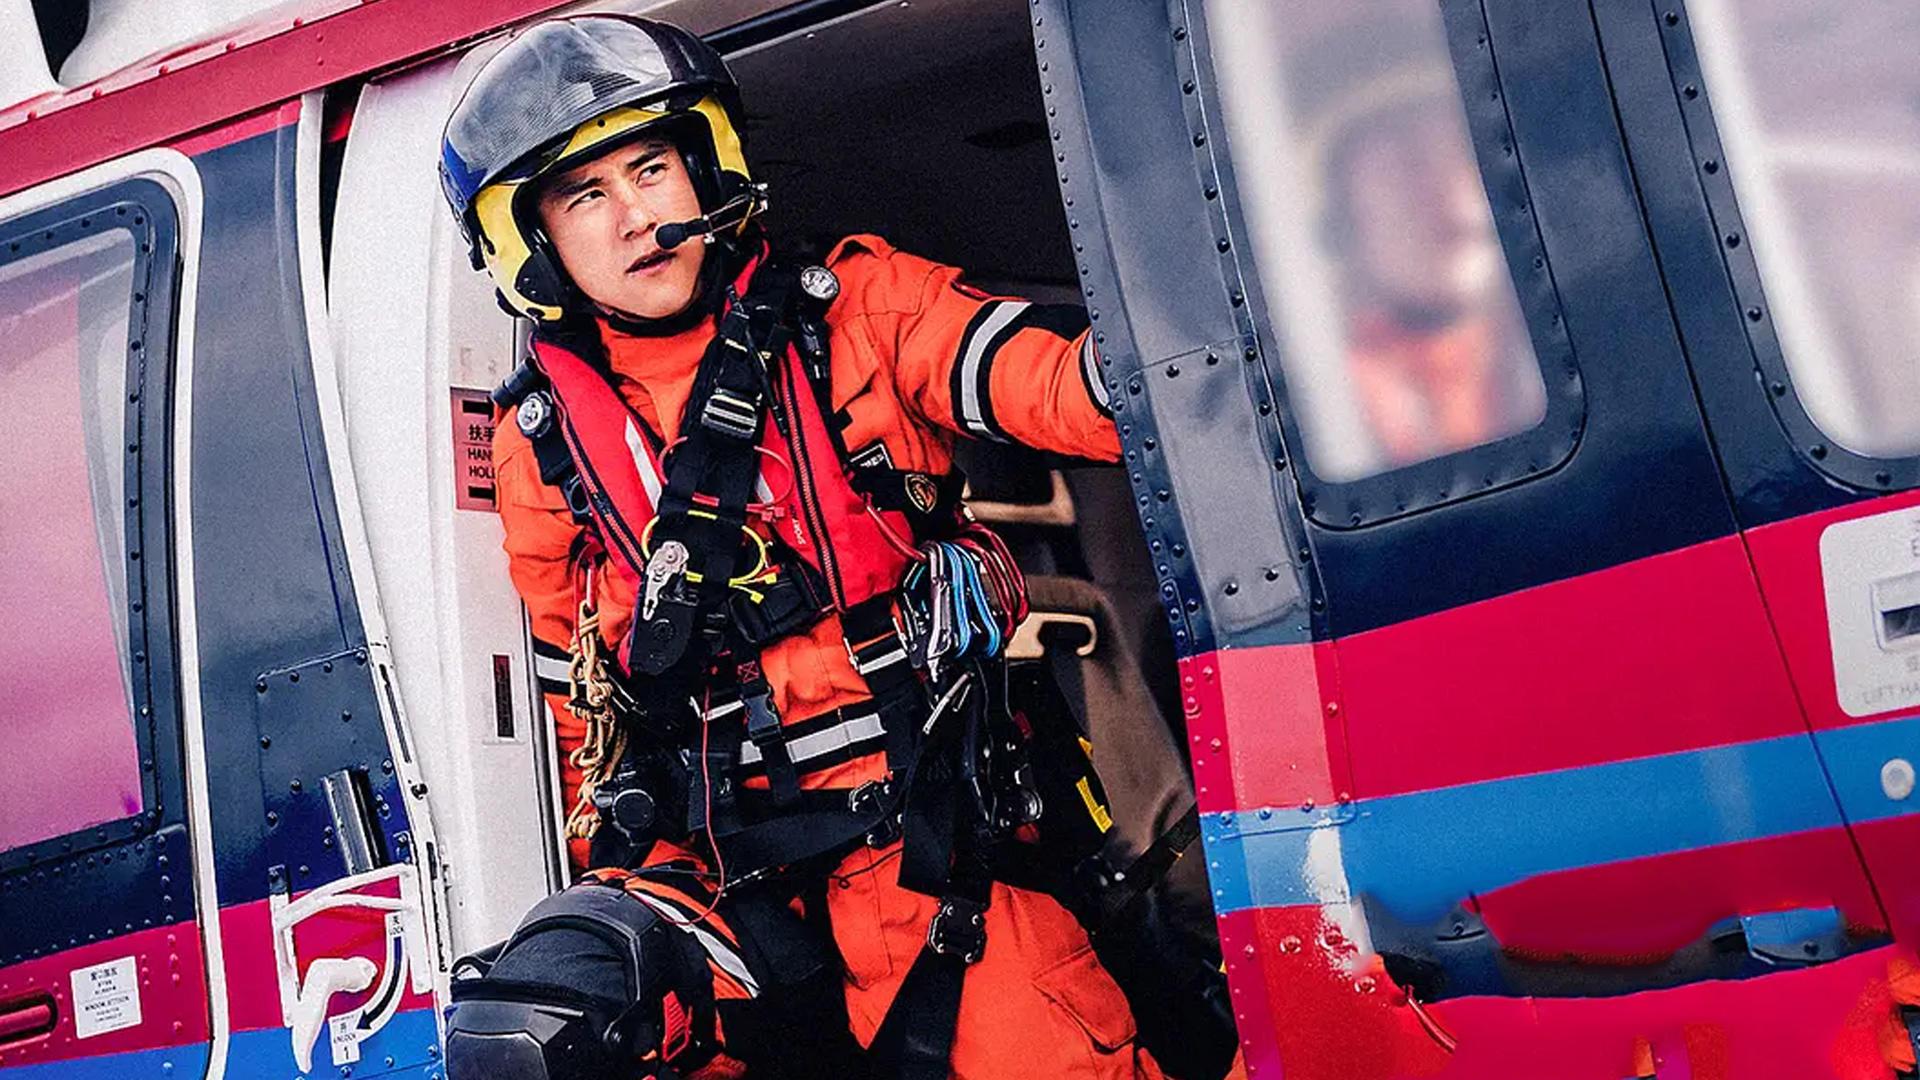 #这个视频666#林超贤硬核回归,爱国三部曲《紧急救援》,首次聚焦海上救援电影